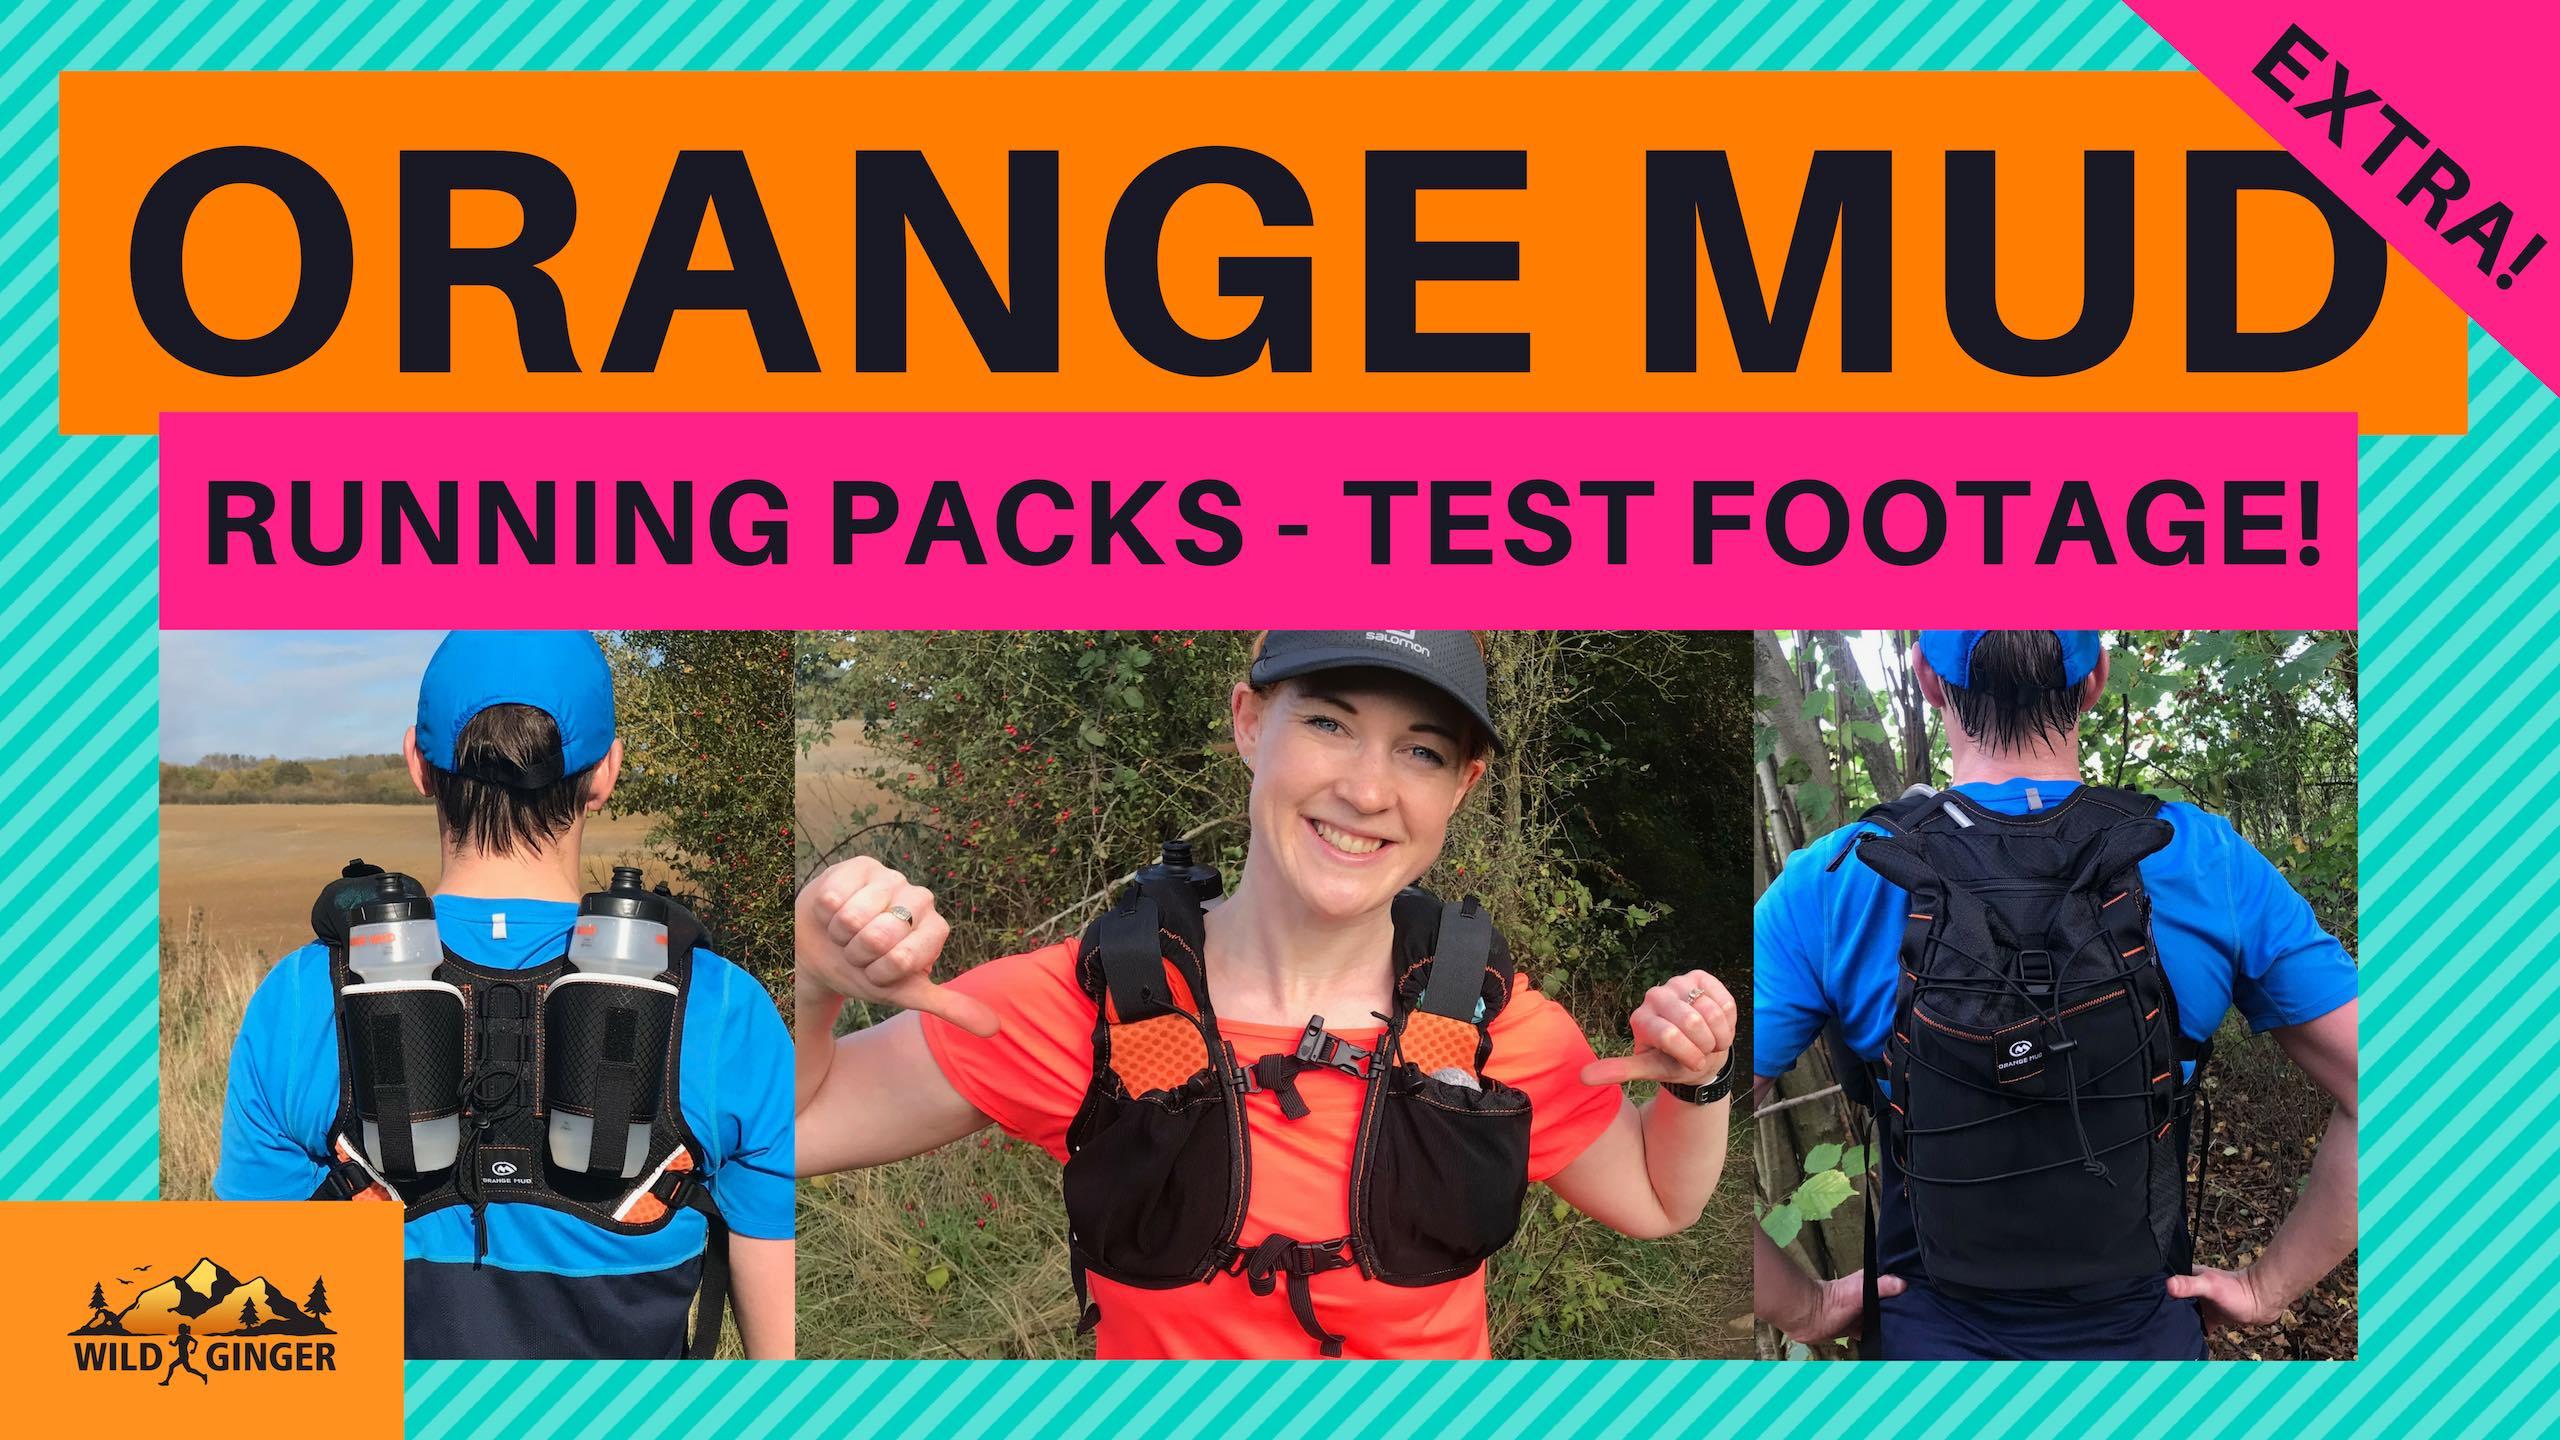 Orange Mud packs extra footage